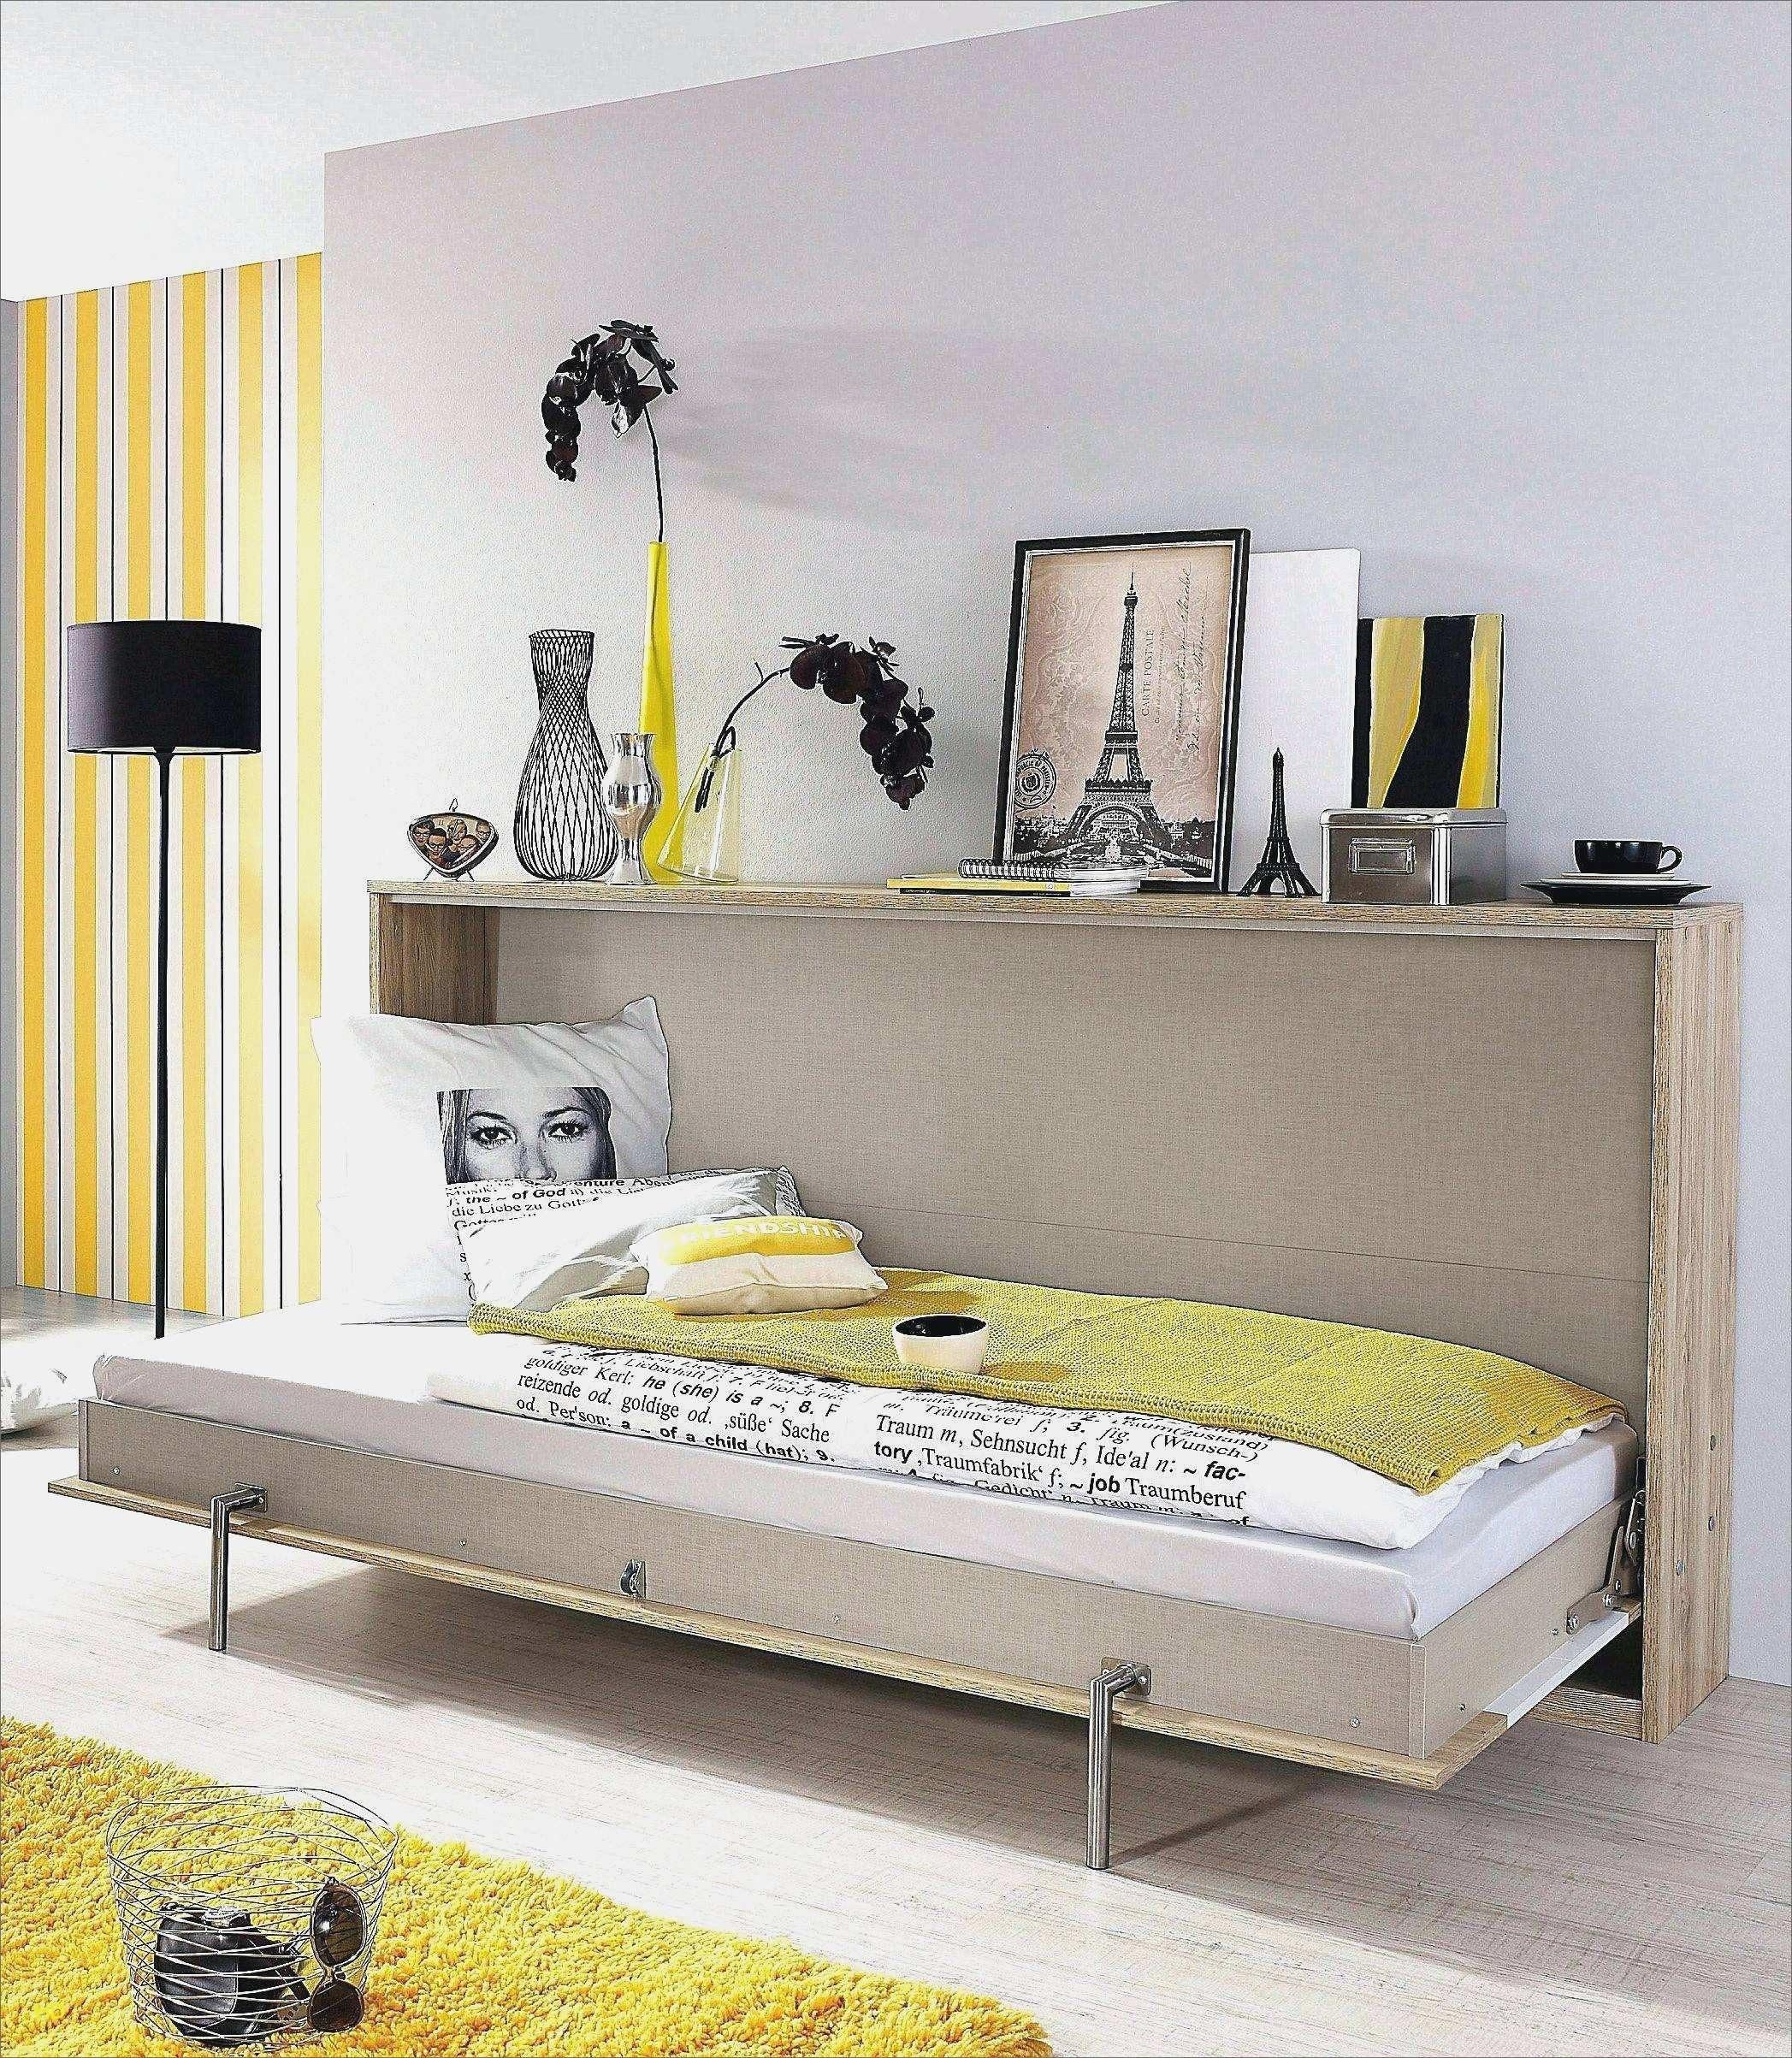 Armoire Lit Ikea Belle Lit Armoire Ikea Occasion élégant Lit Escamotable But Impressionnant